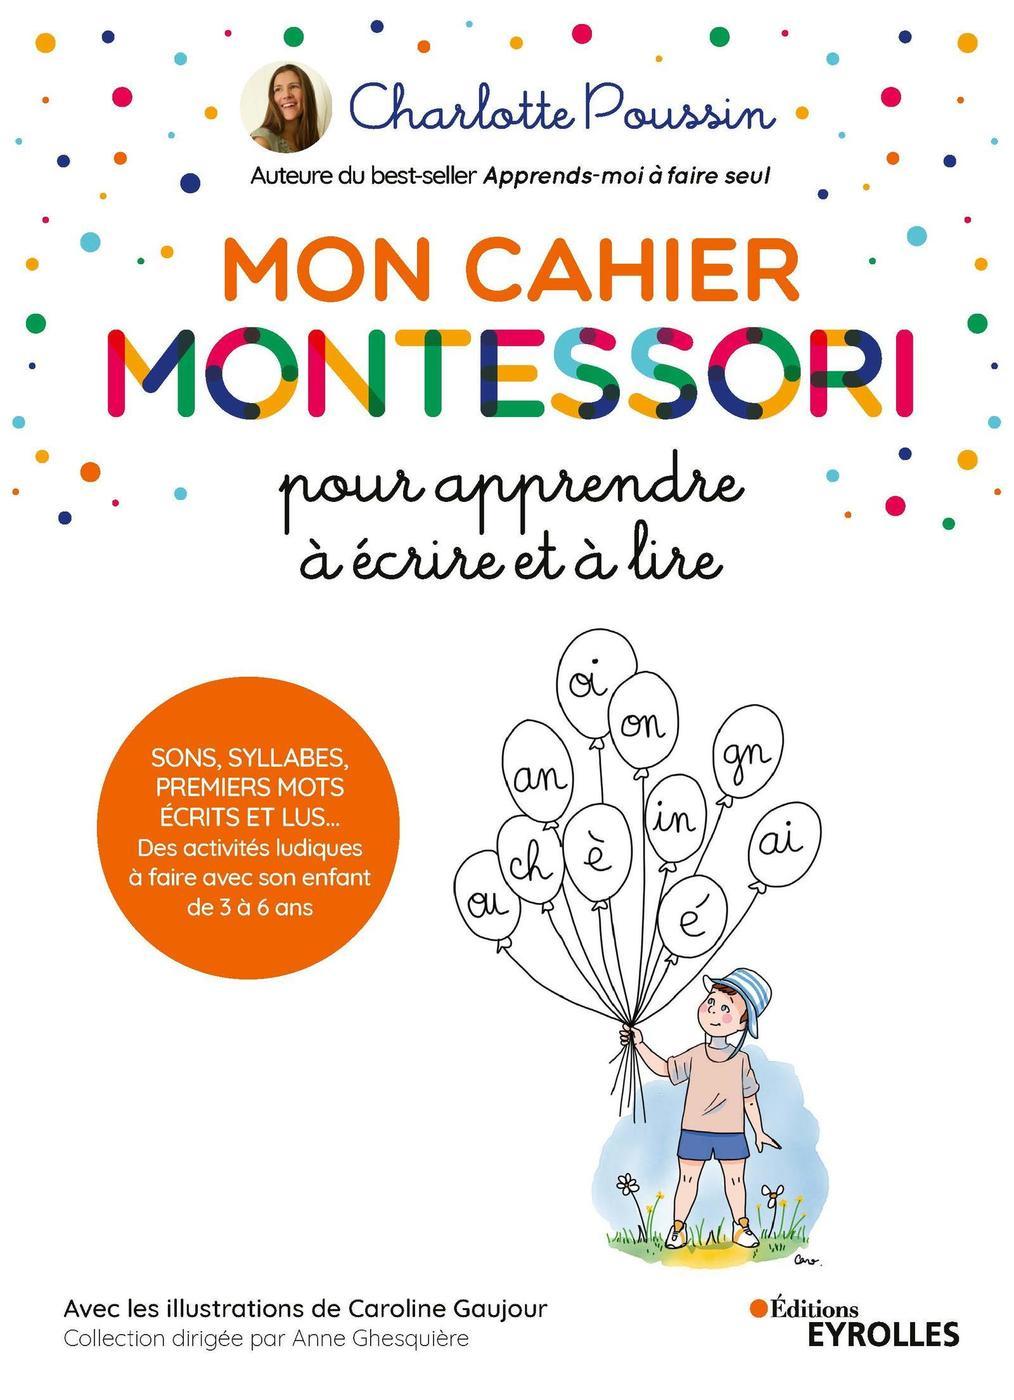 Mon Cahier Maternelle 45 Ans Novel Pdf | How To Upload Pdf pour Cahier De Vacances Maternelle Pdf